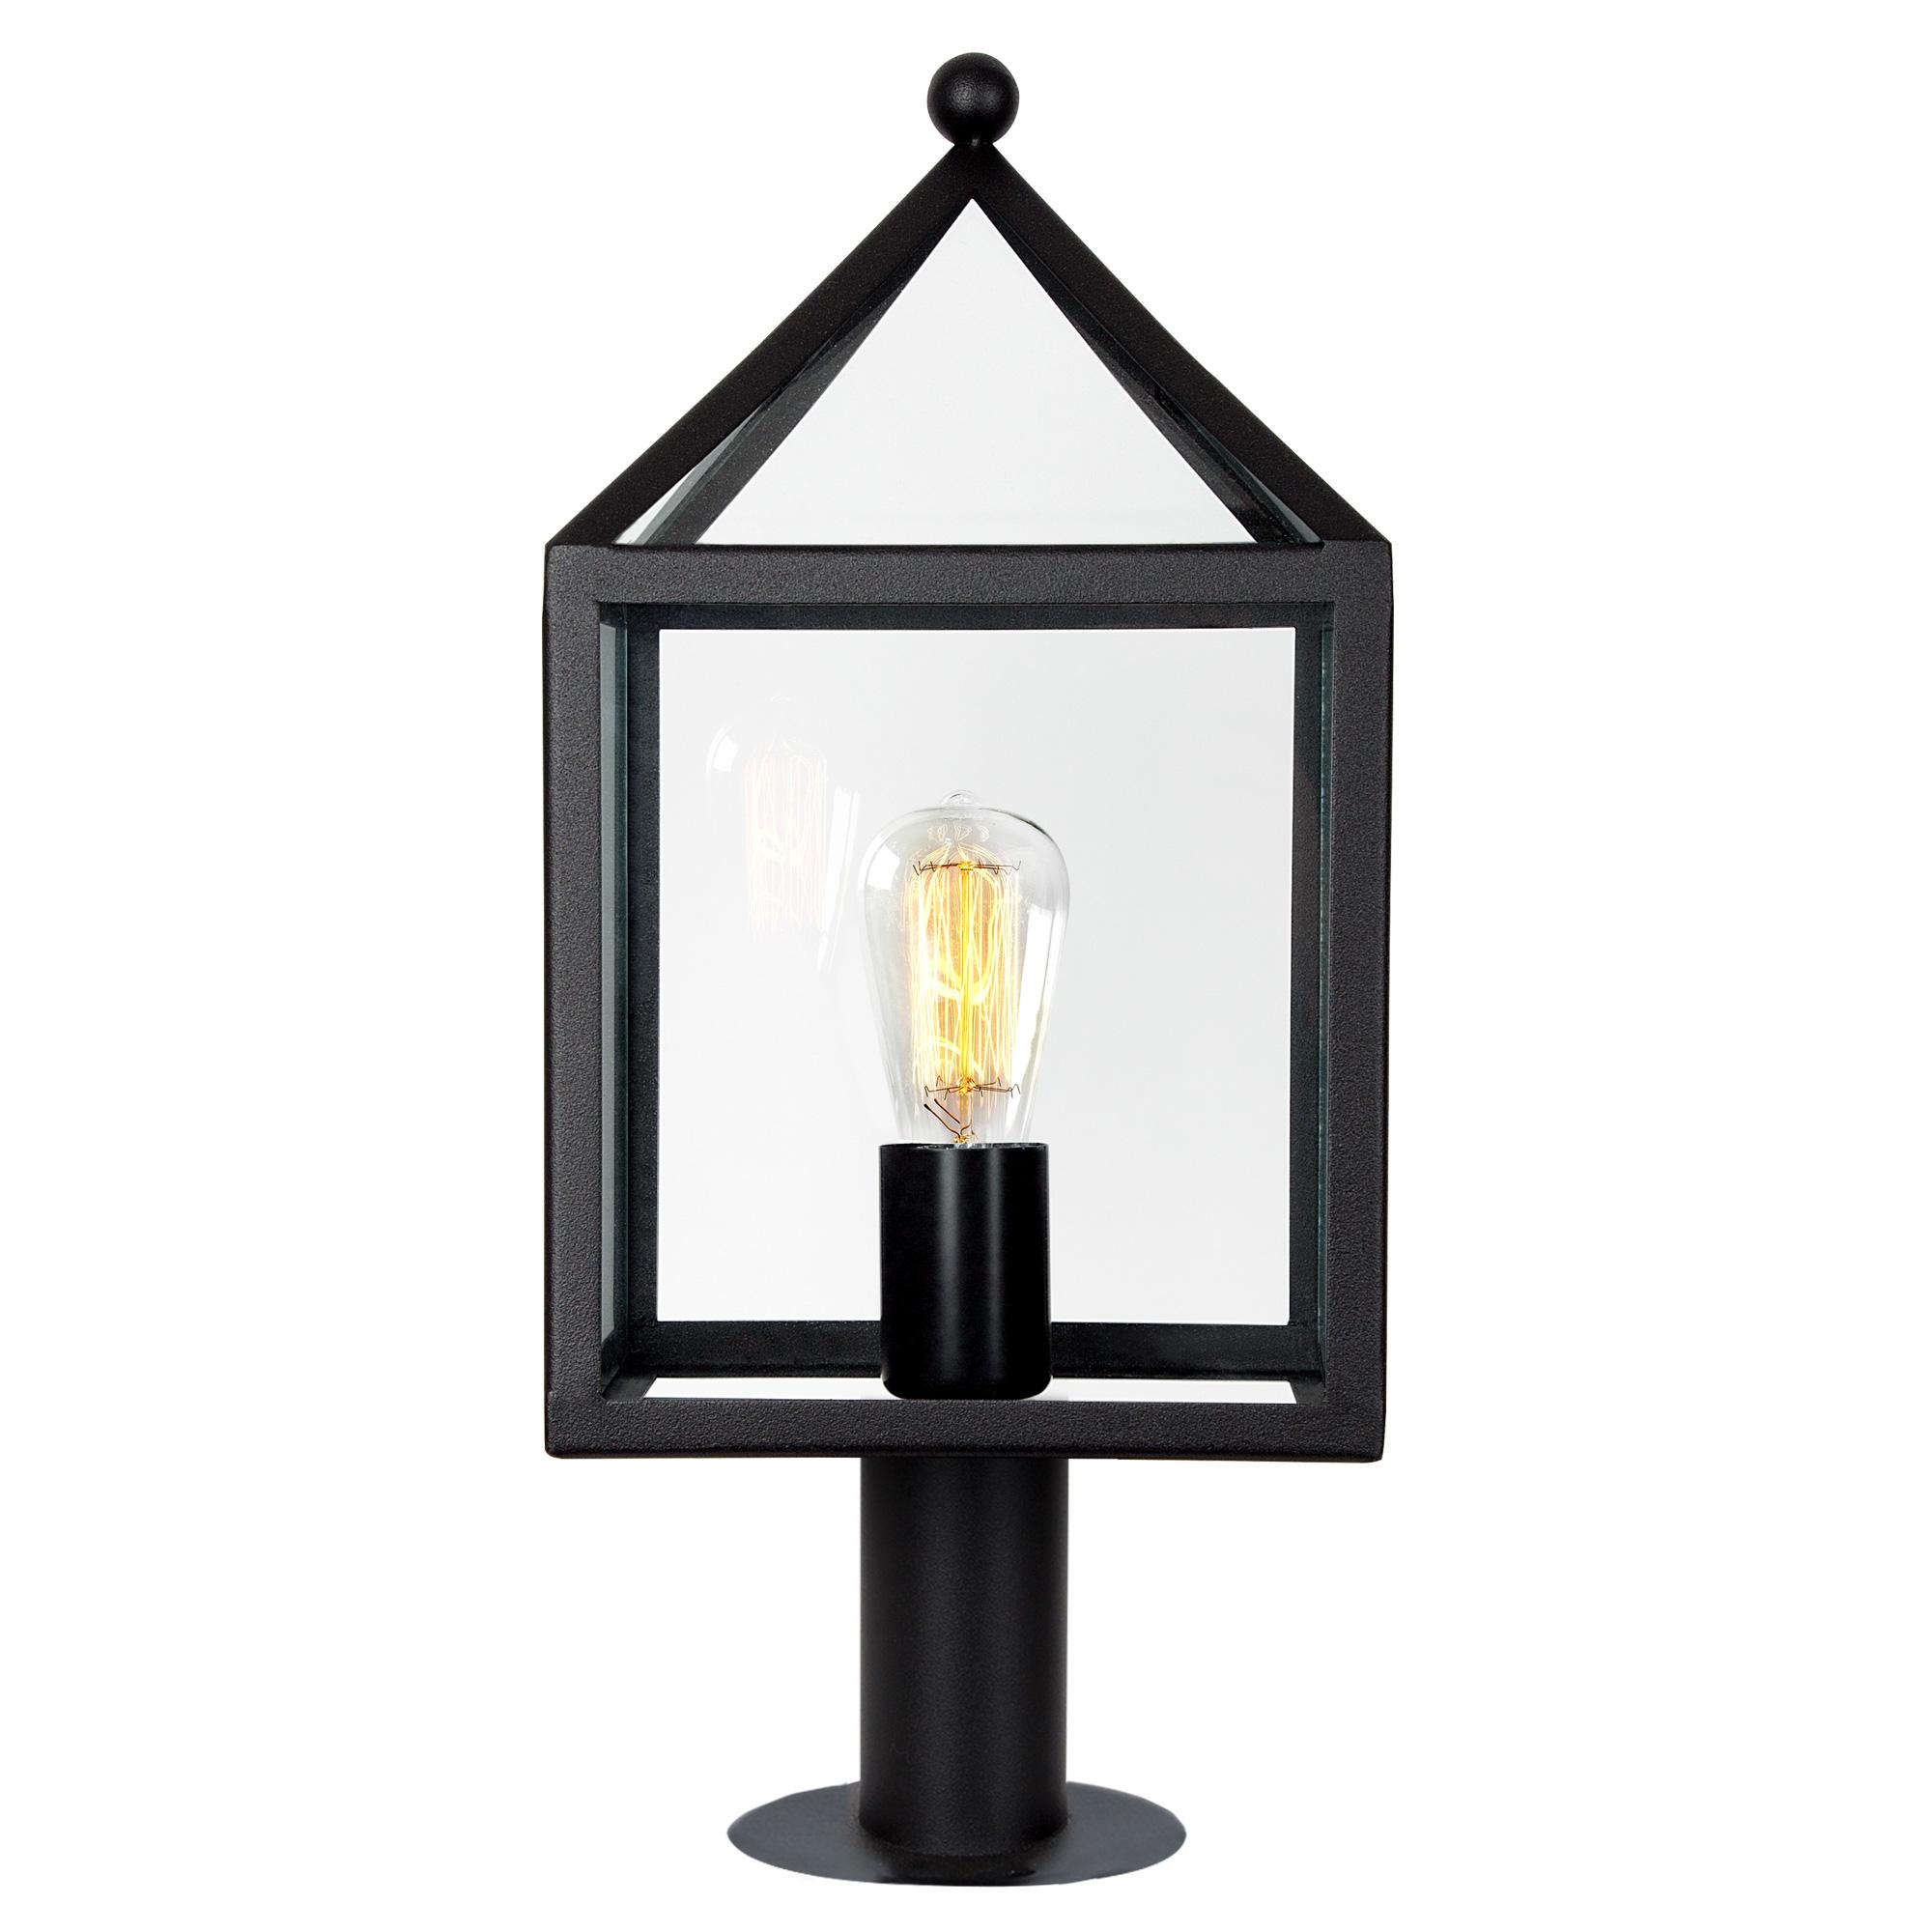 Buitenlamp Staand Zwart Bloemendaal Sokkel